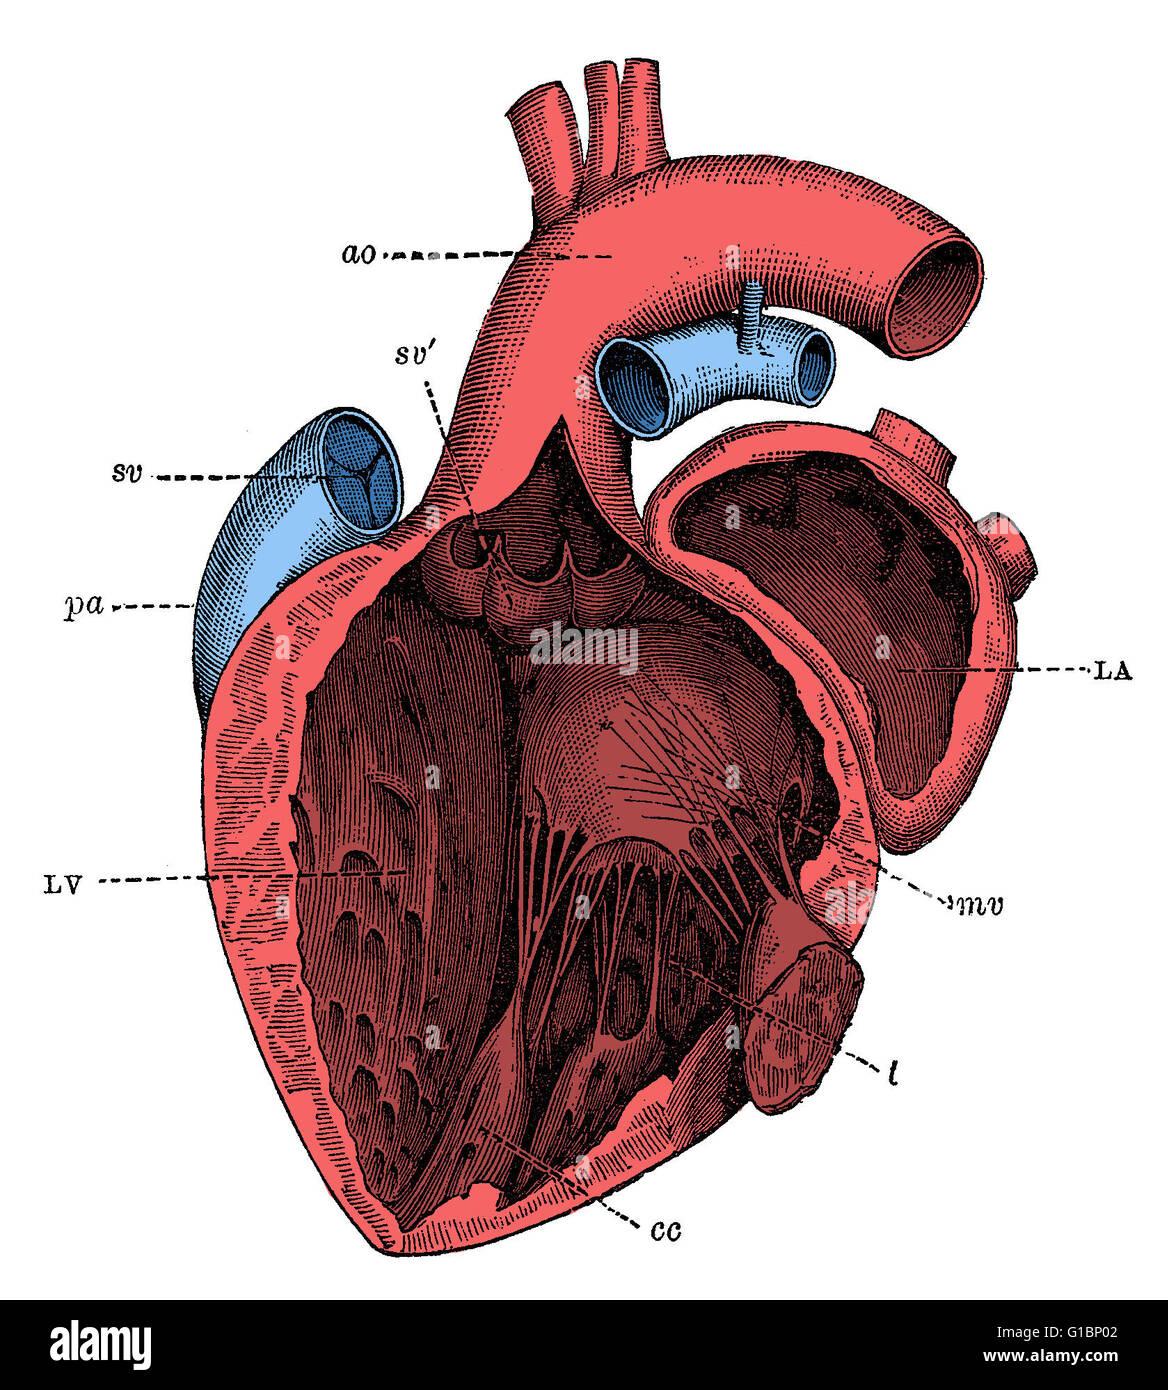 Disección del lado izquierdo del corazón de un ser humano, mostrando ...